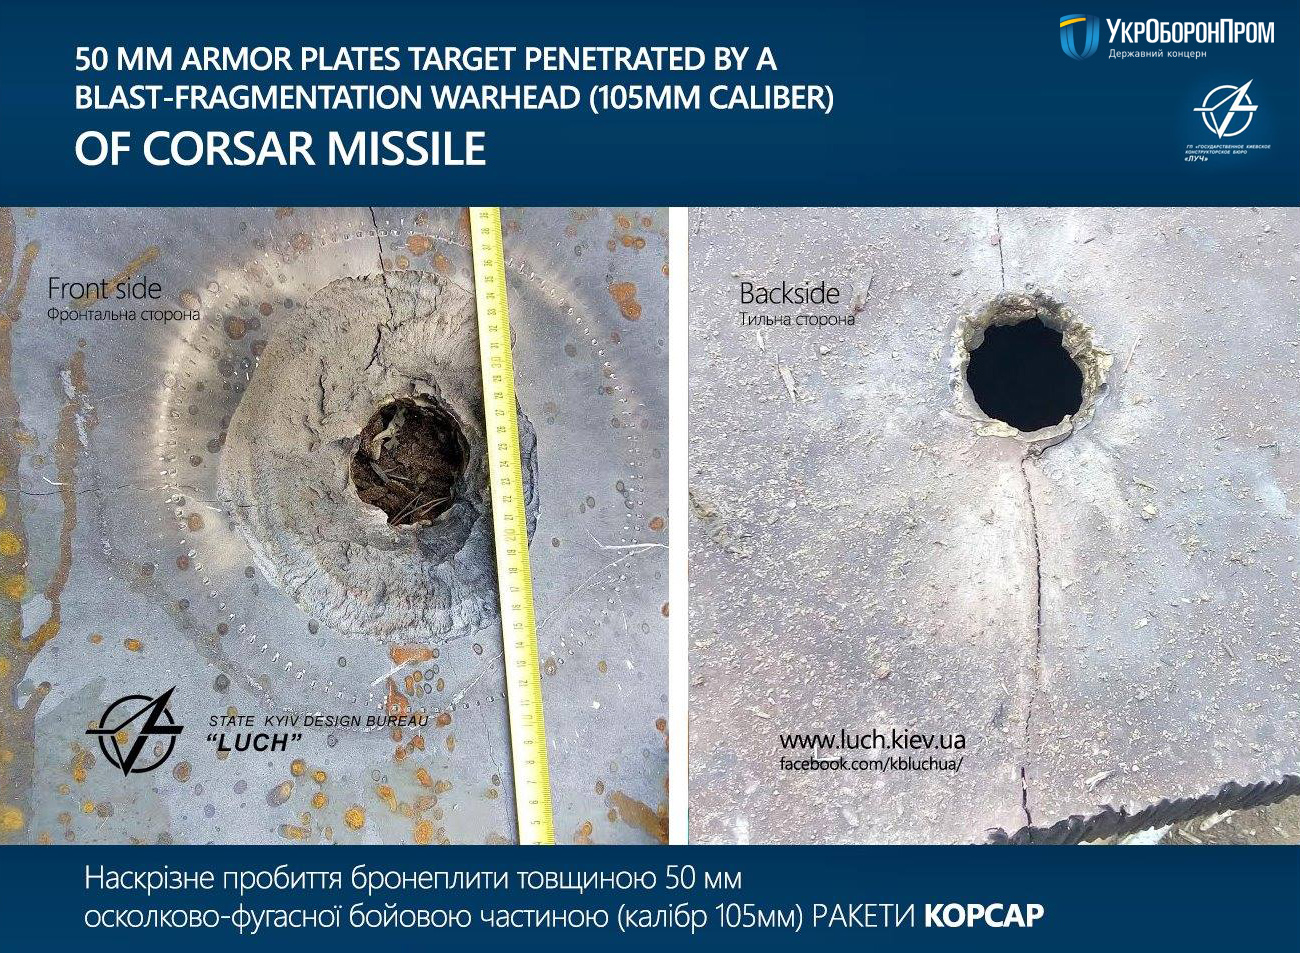 ВСУ приняли на вооружение ракетный комплекс Корсар: видео